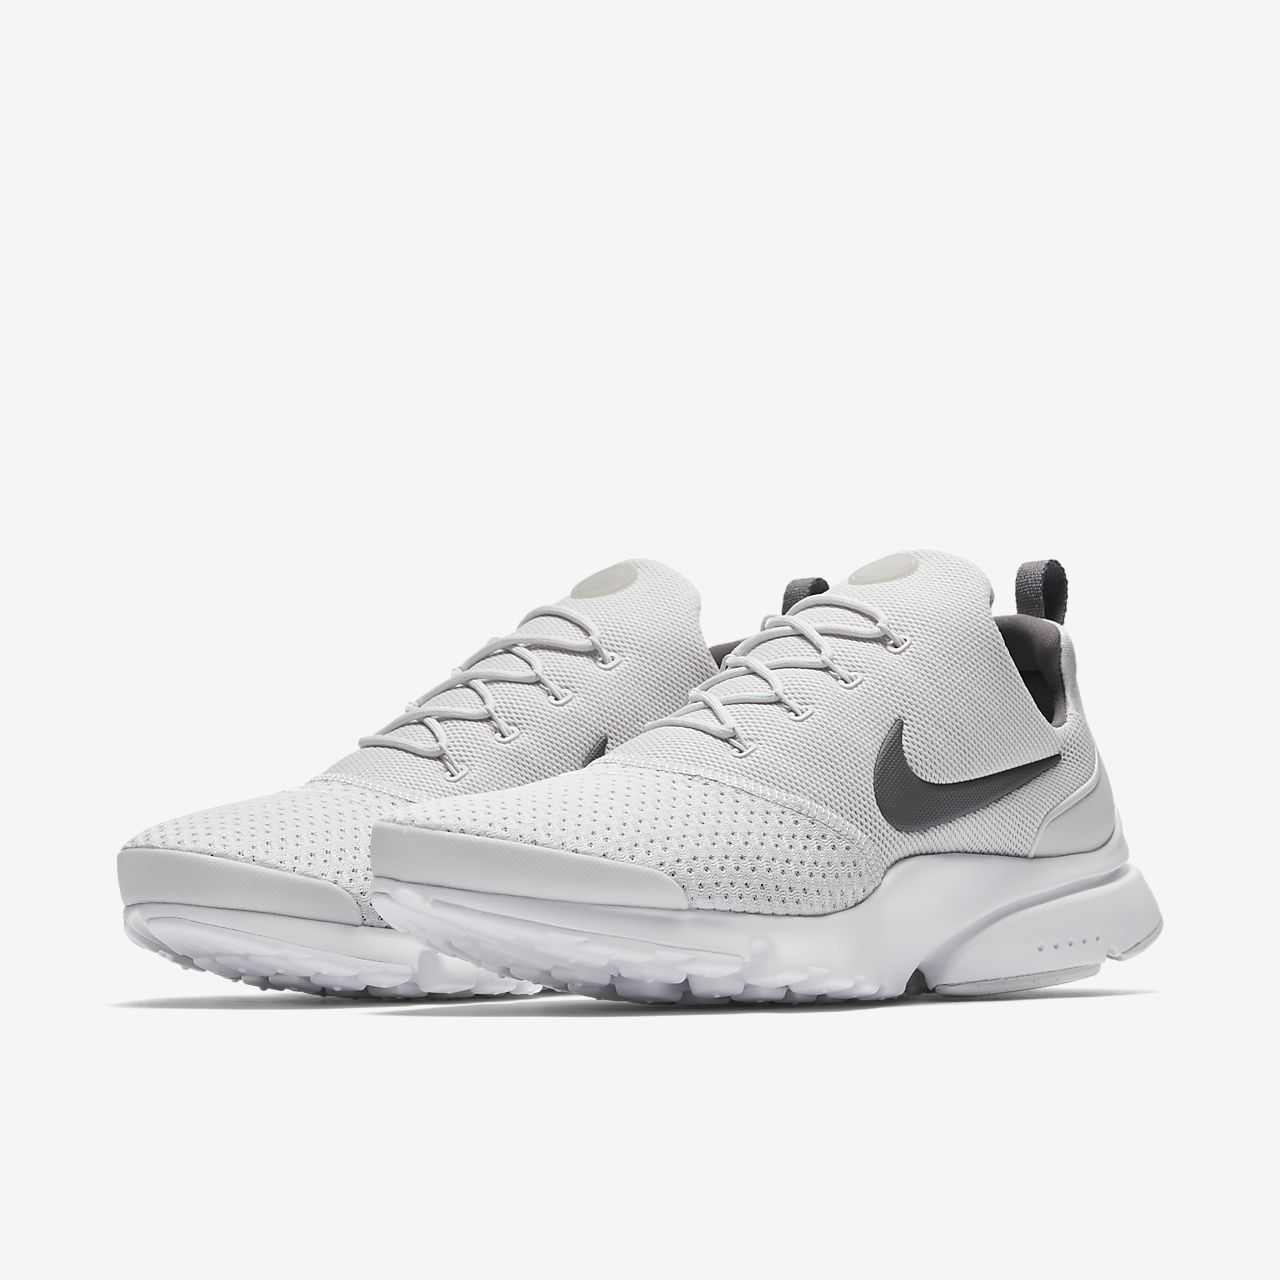 Nike Chaussures Presto Mouche De Blanc Gris yxFibcIvpT